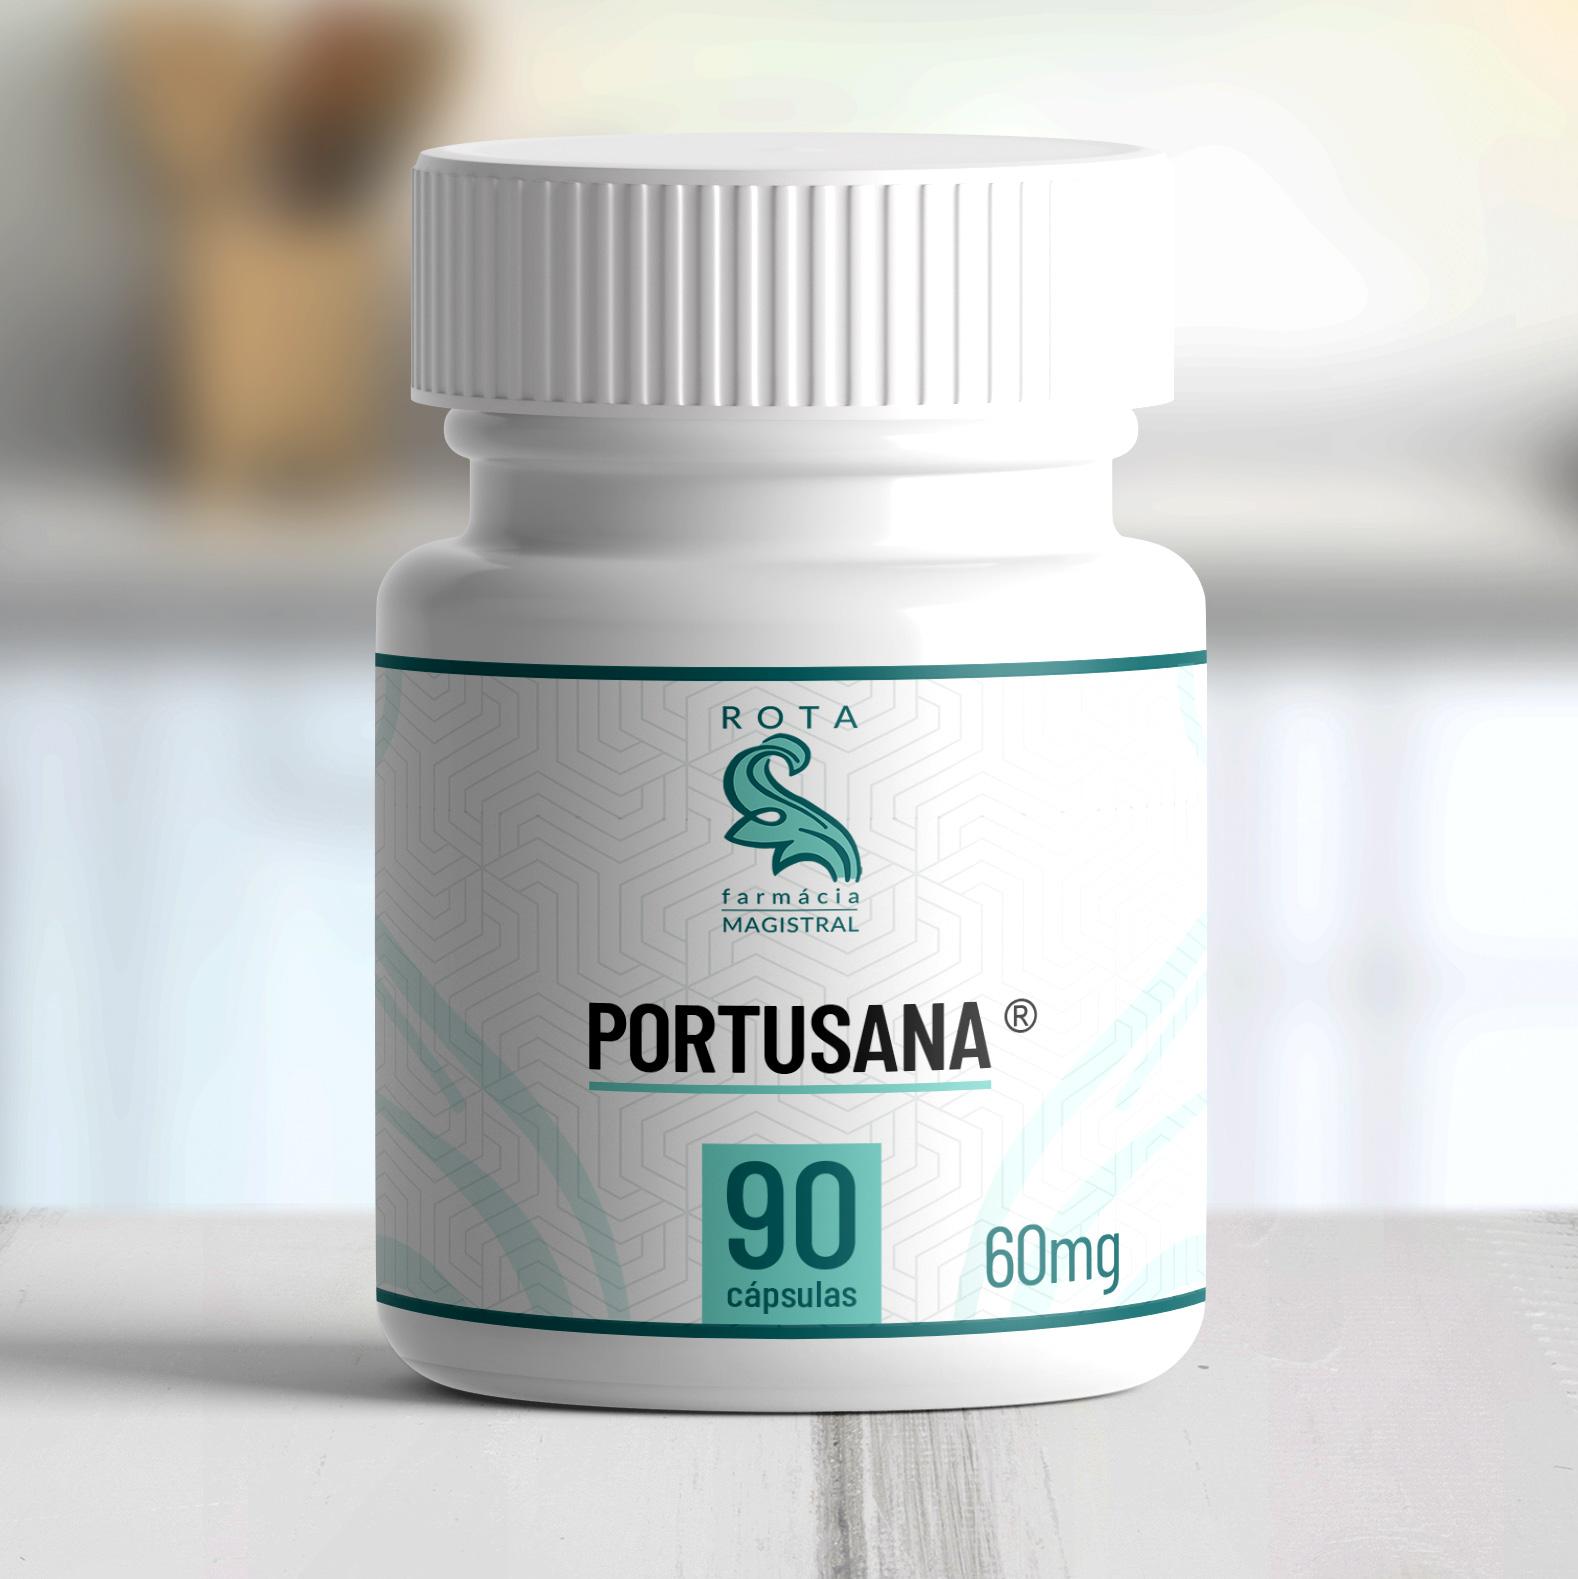 Portusana ® 60mg 90 cápsulas